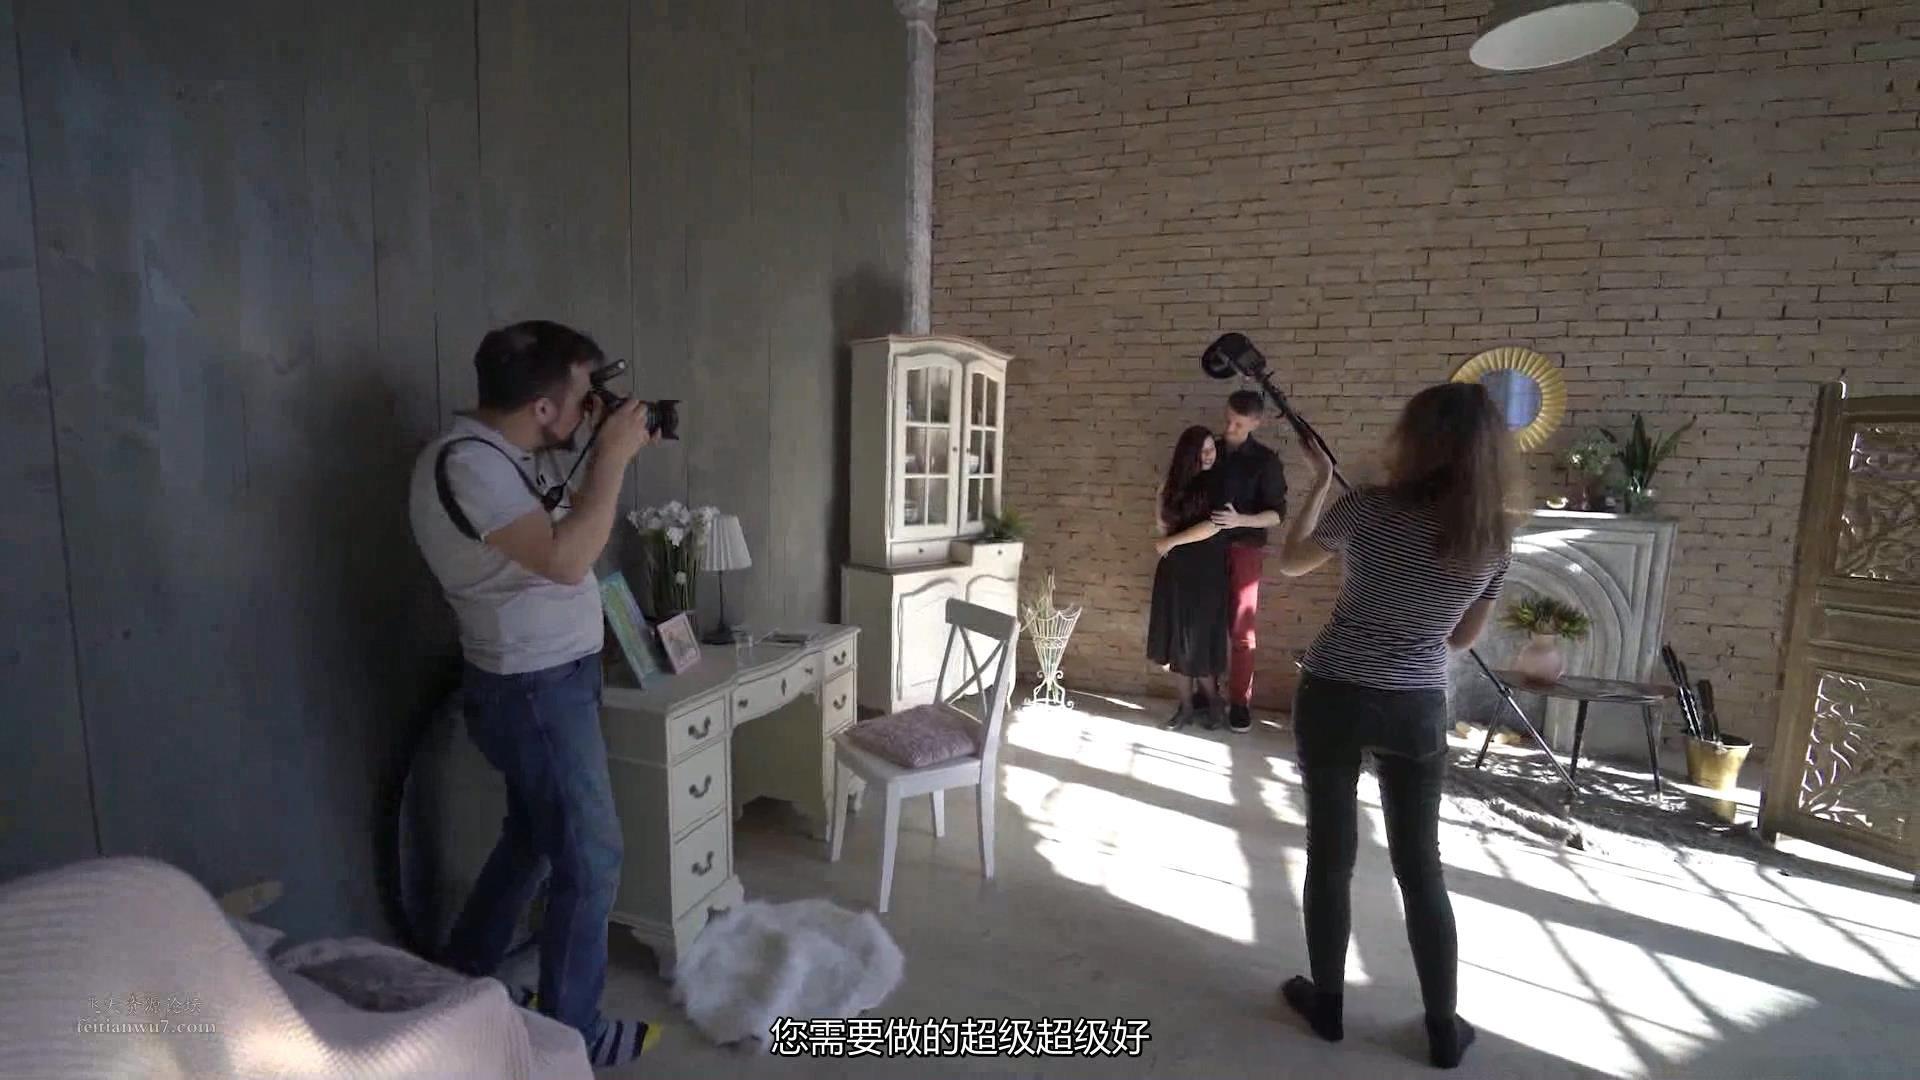 摄影教程_Alexey Gaidin实践30多种人造光闪光灯摄影布光教程-中文字幕 摄影教程 _预览图10